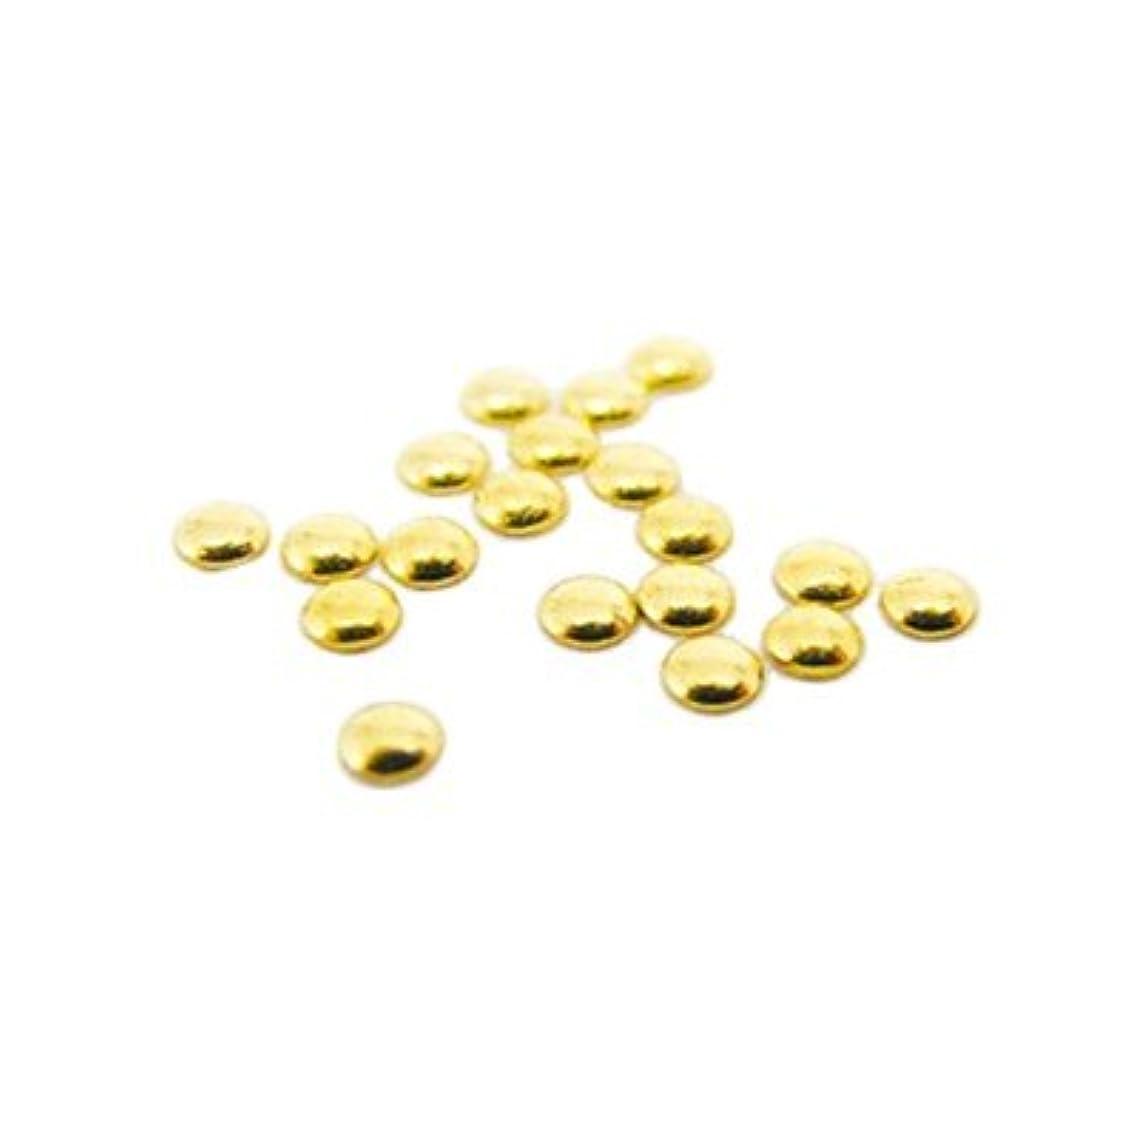 ニッケル全国競合他社選手ピアドラ スタッズ 0.8mm 500P ゴールド